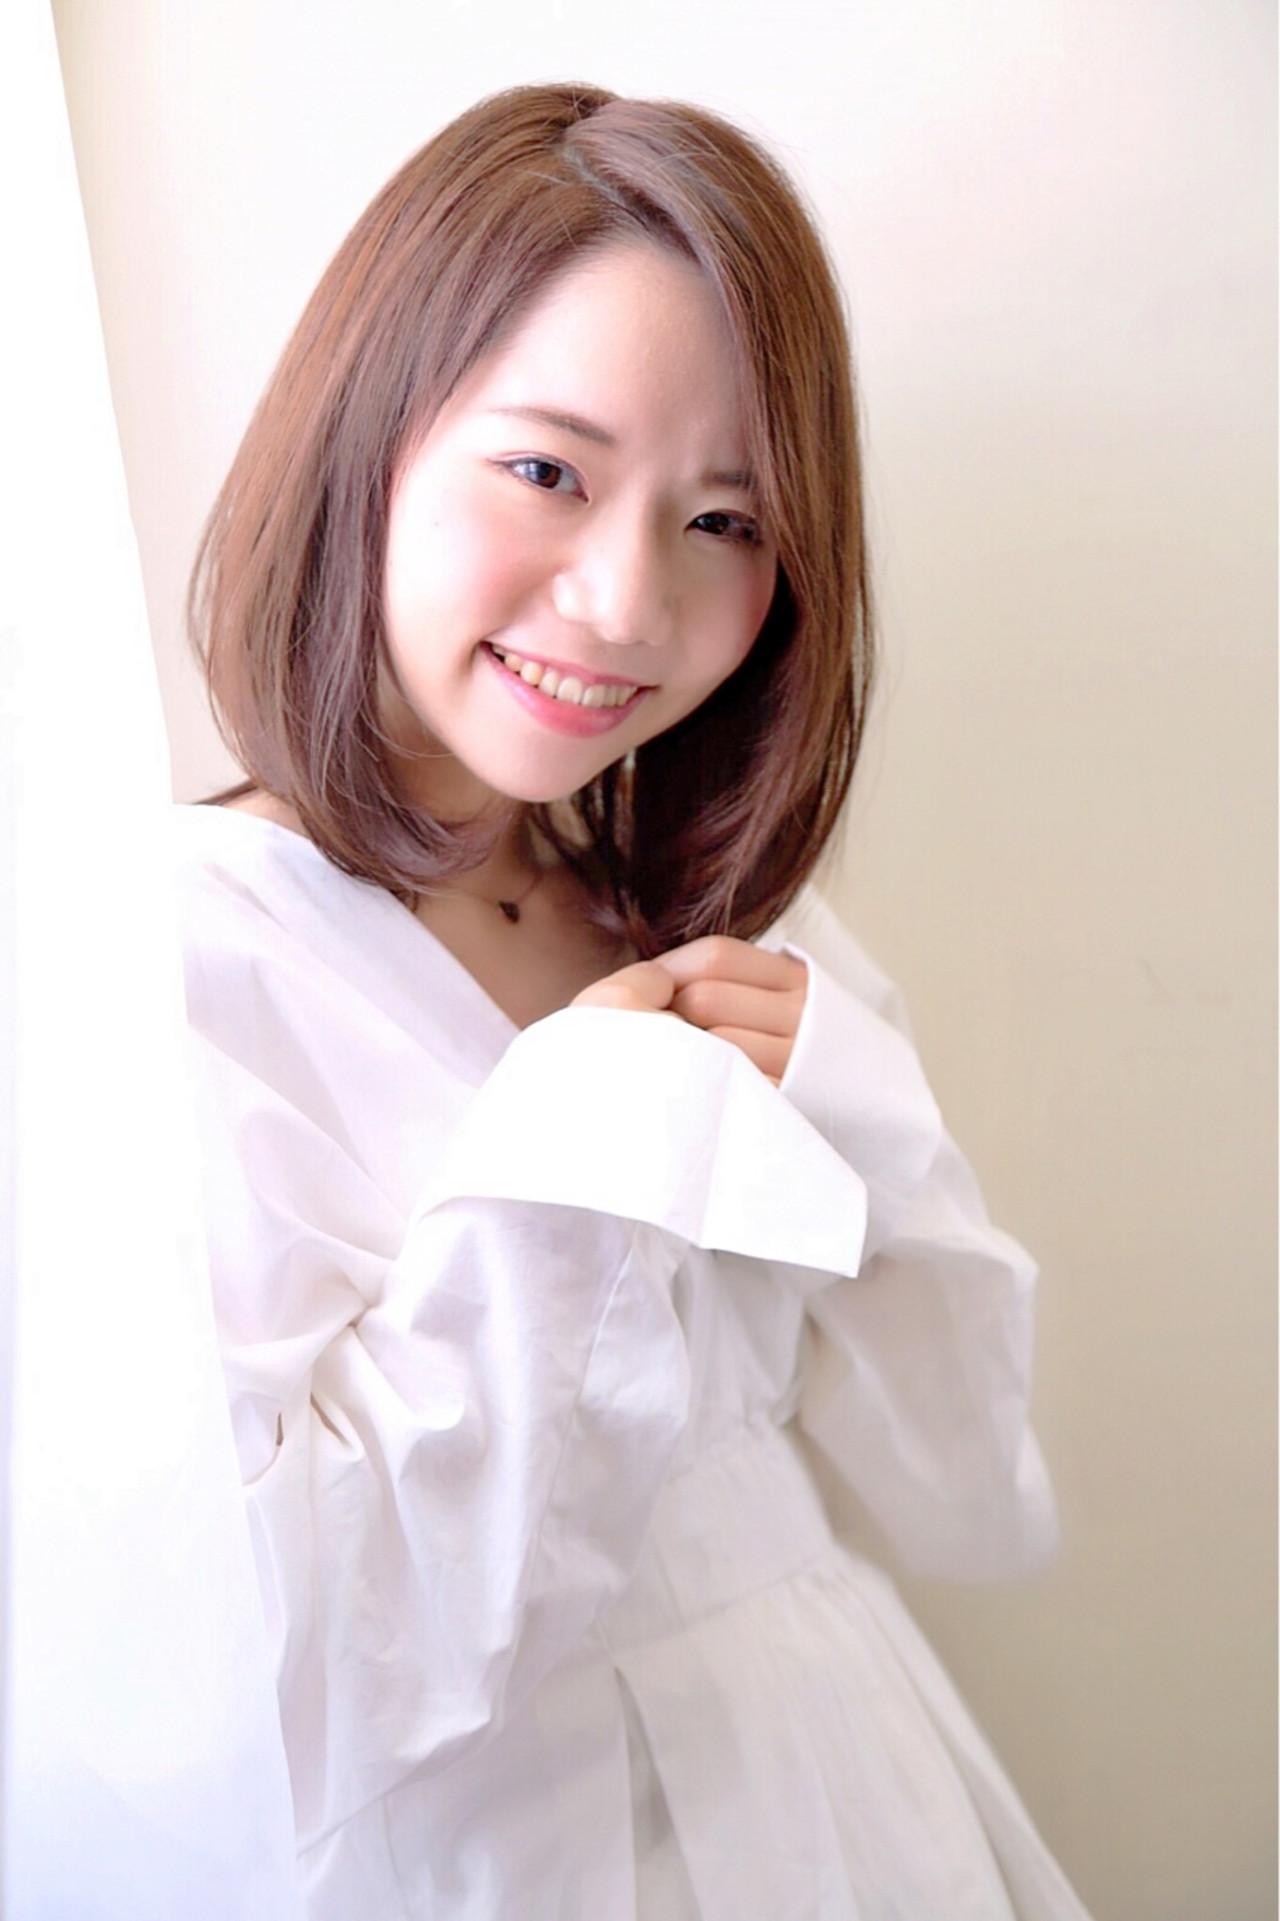 長い前髪を右分けにして♪上品な大人前髪アレンジ 大嶋 理紗